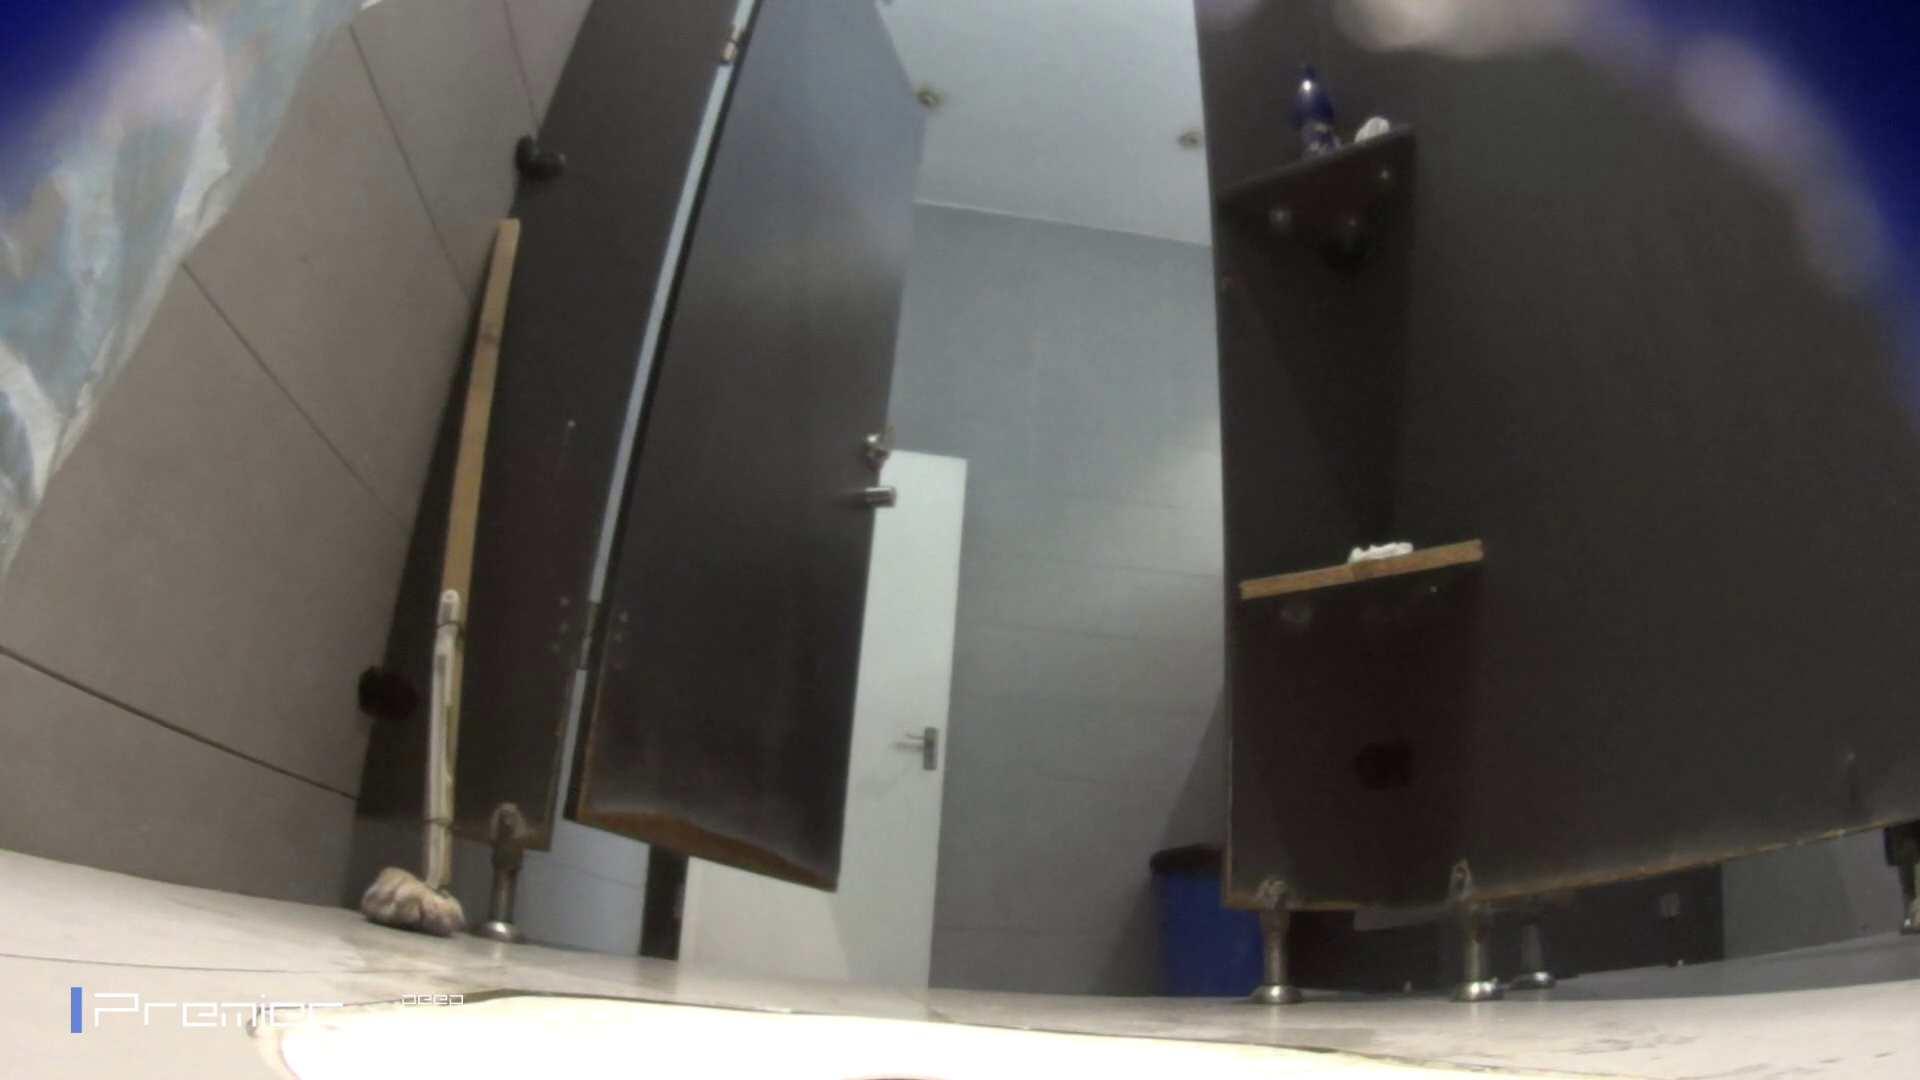 フロントから丸見え! 大学休憩時間の洗面所事情60 美肌 濡れ場動画紹介 96枚 60